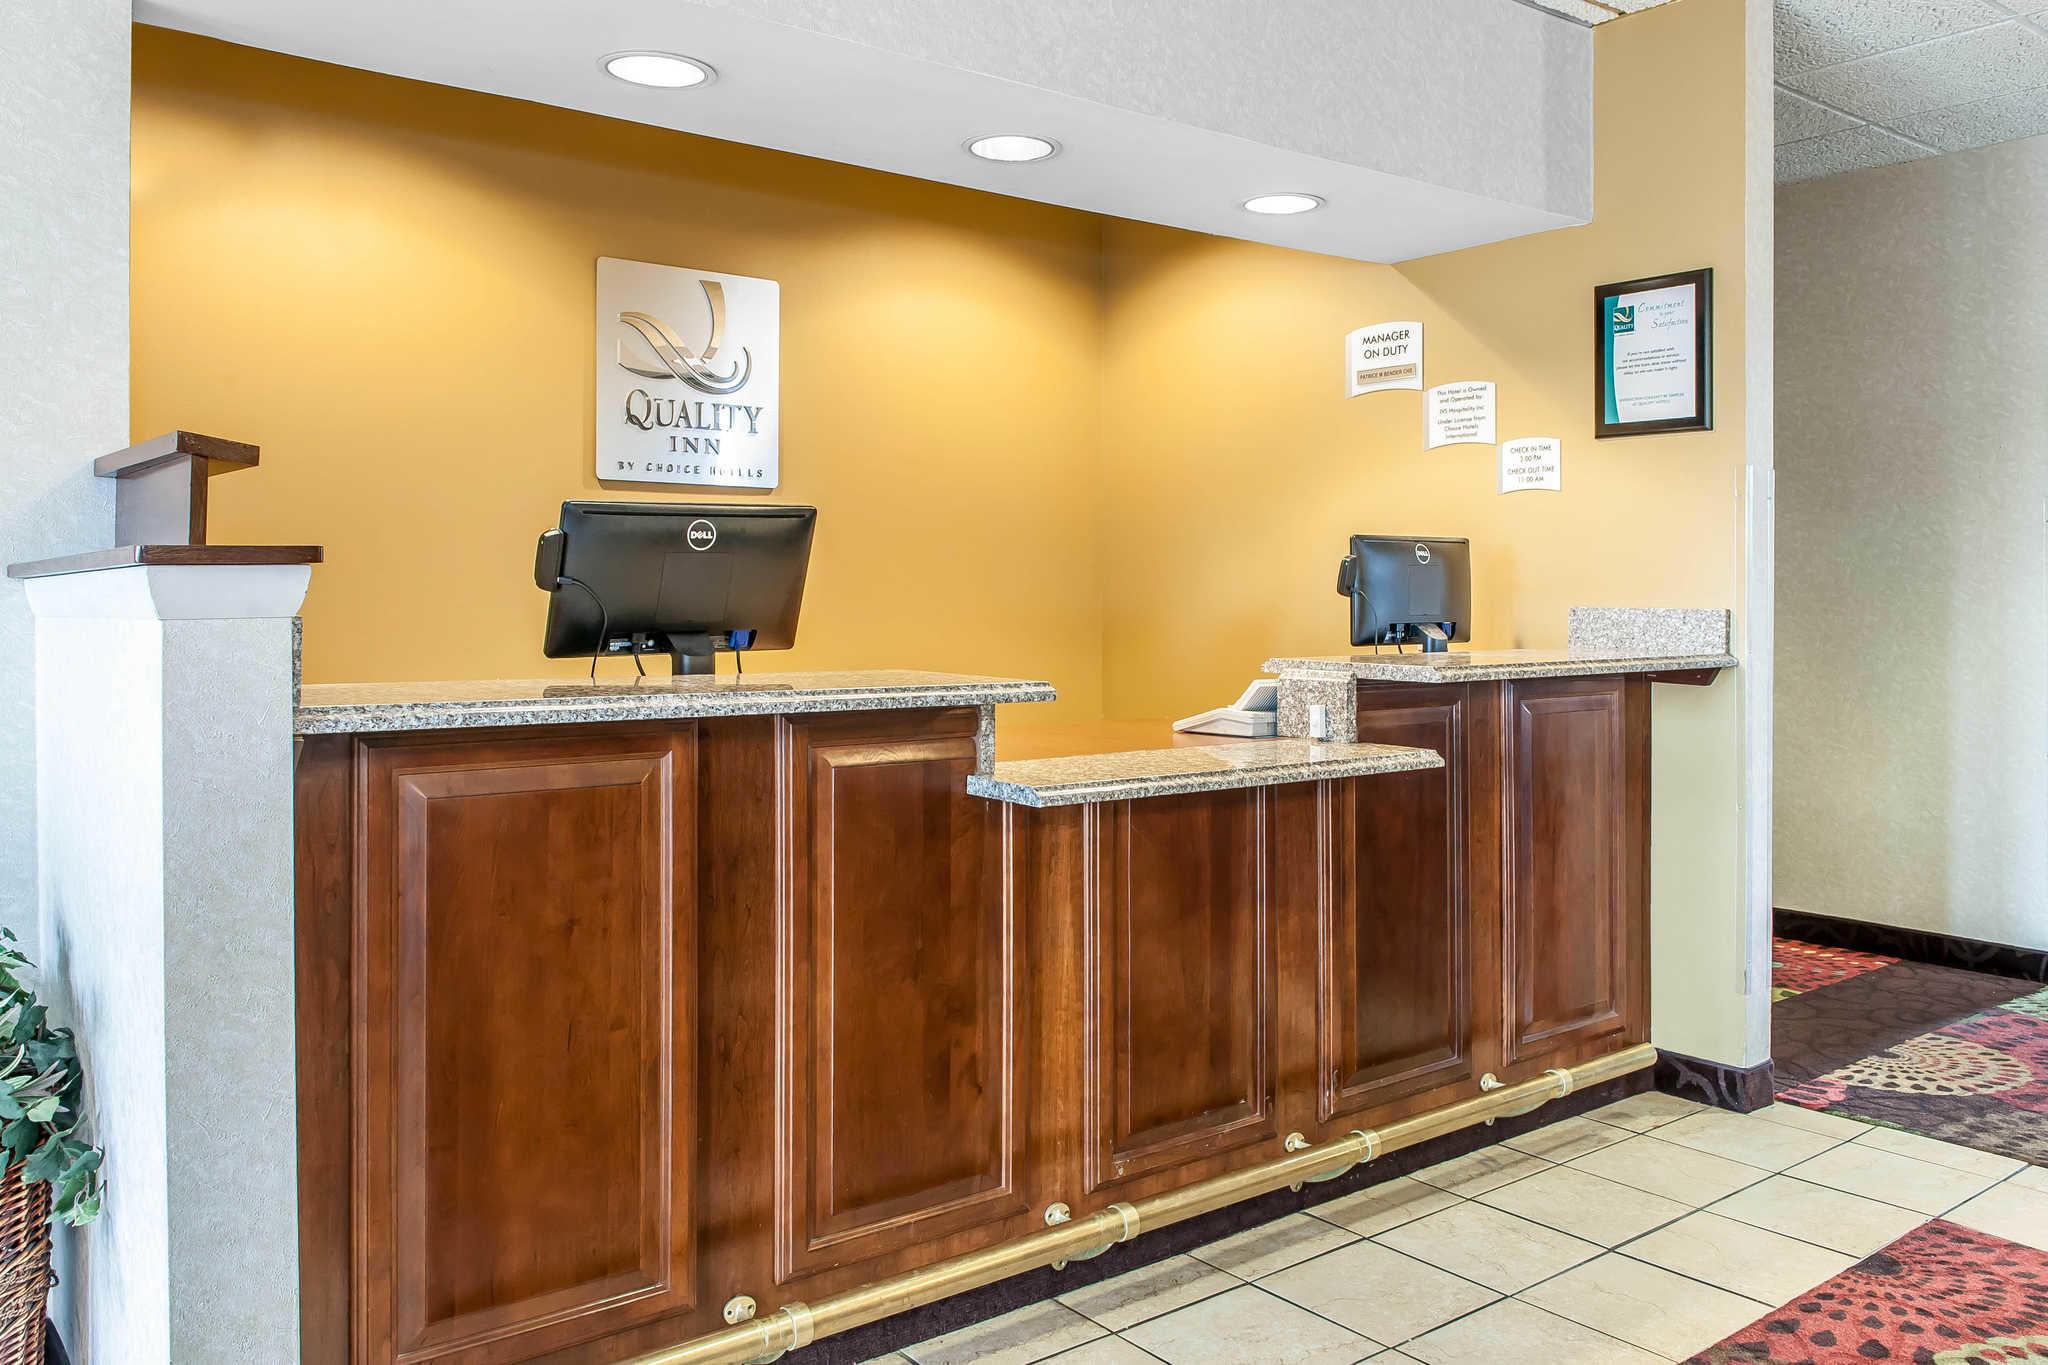 Quality Inn Chester I-75 image 3